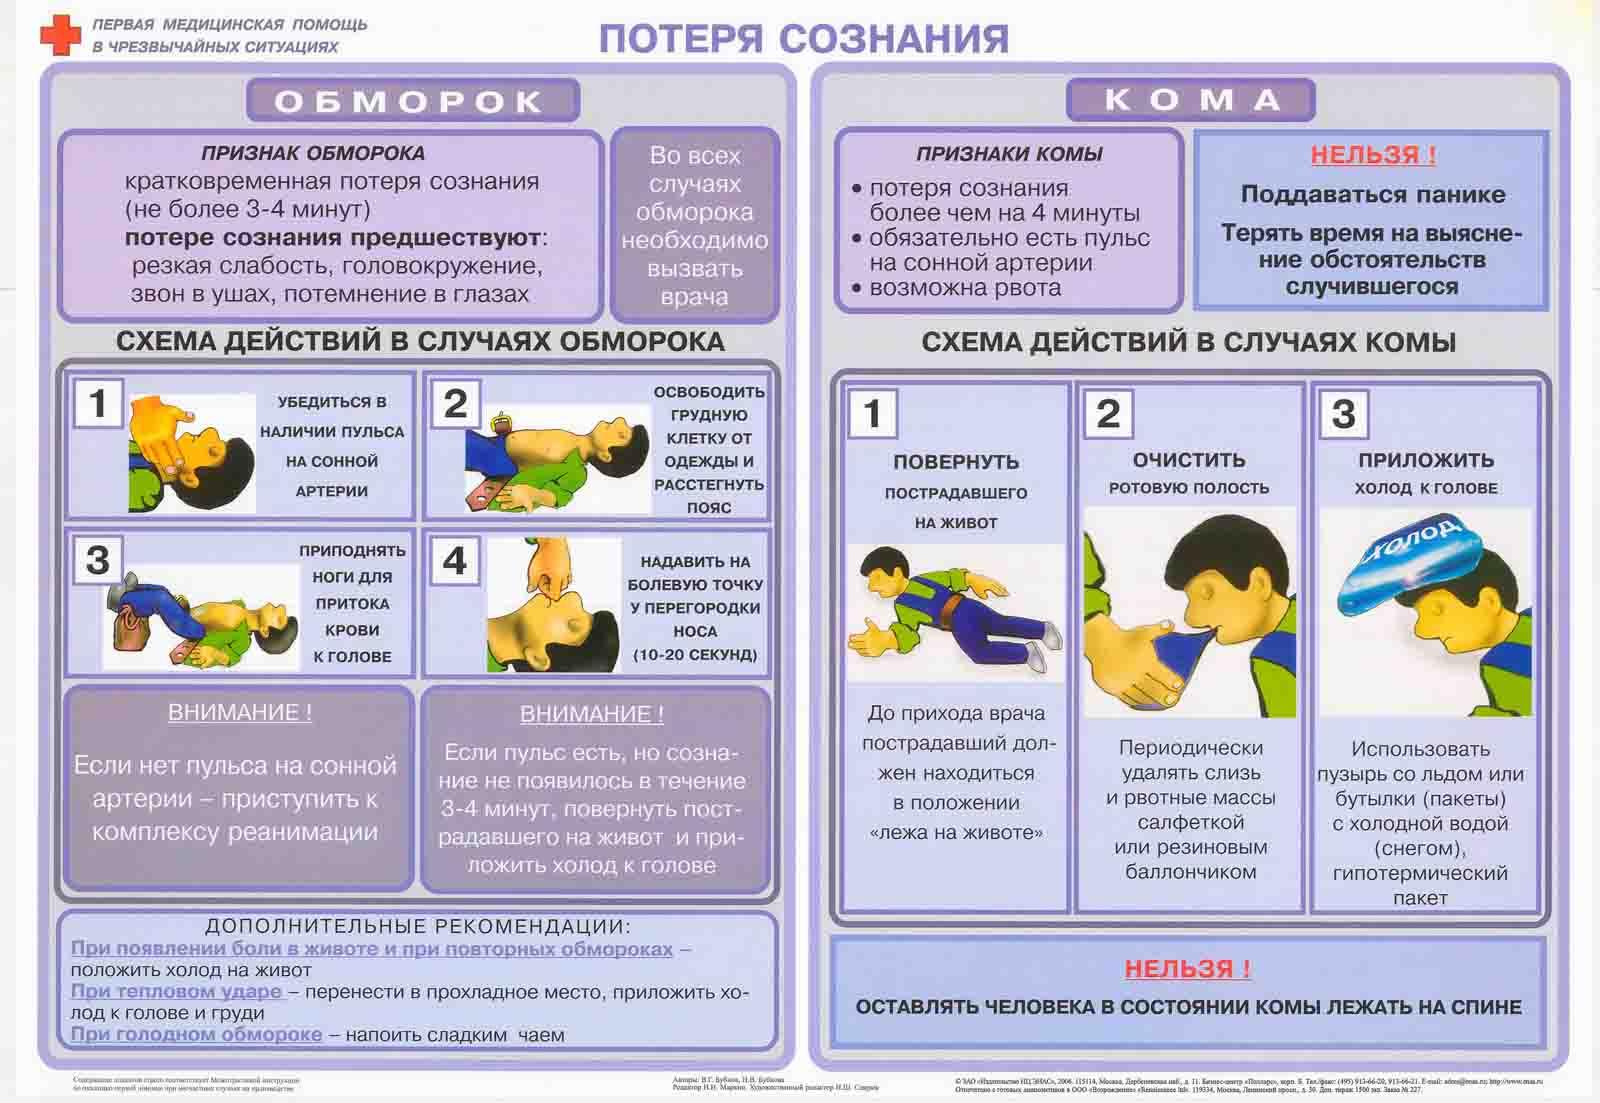 Первая помощь при обмороке: первые признаки, как помочь самому себе и другому человеку при потере сознания.